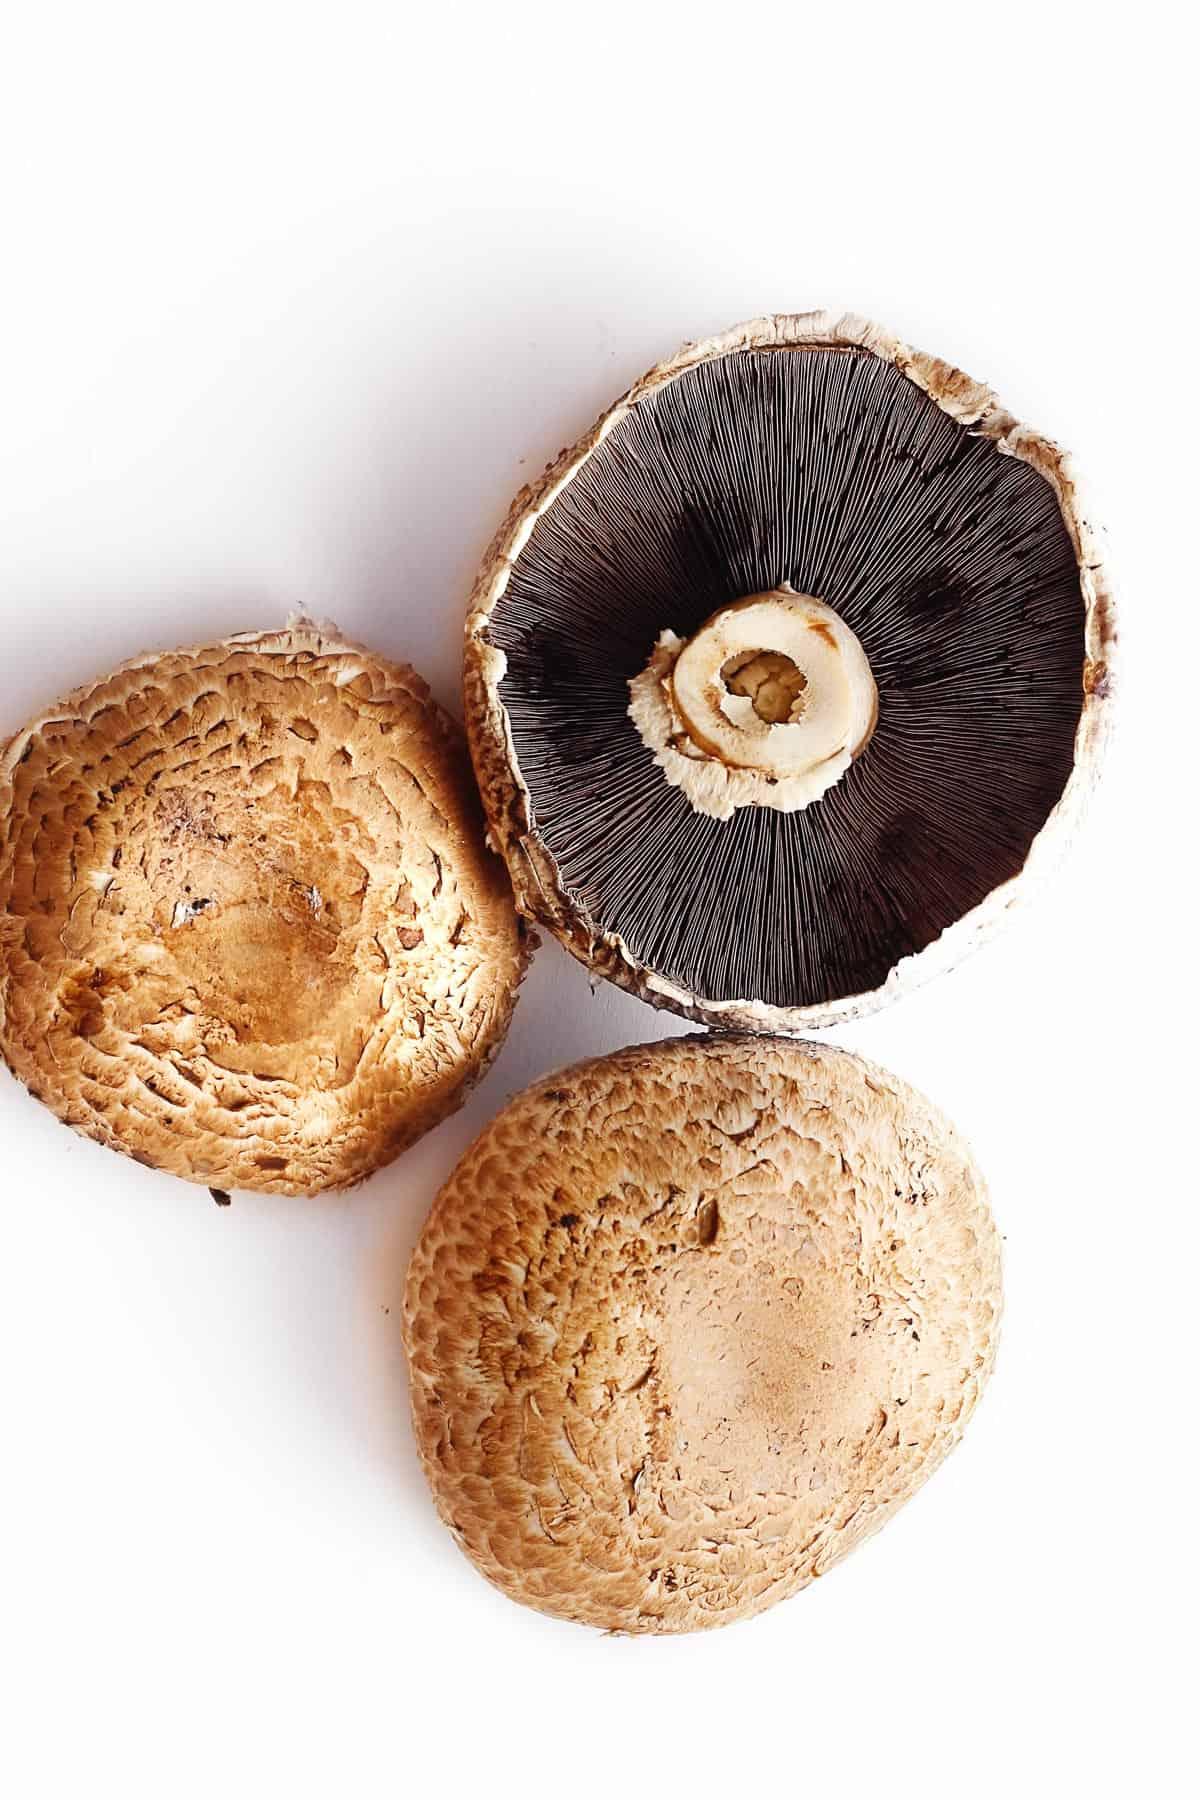 Portobello mushroom picture